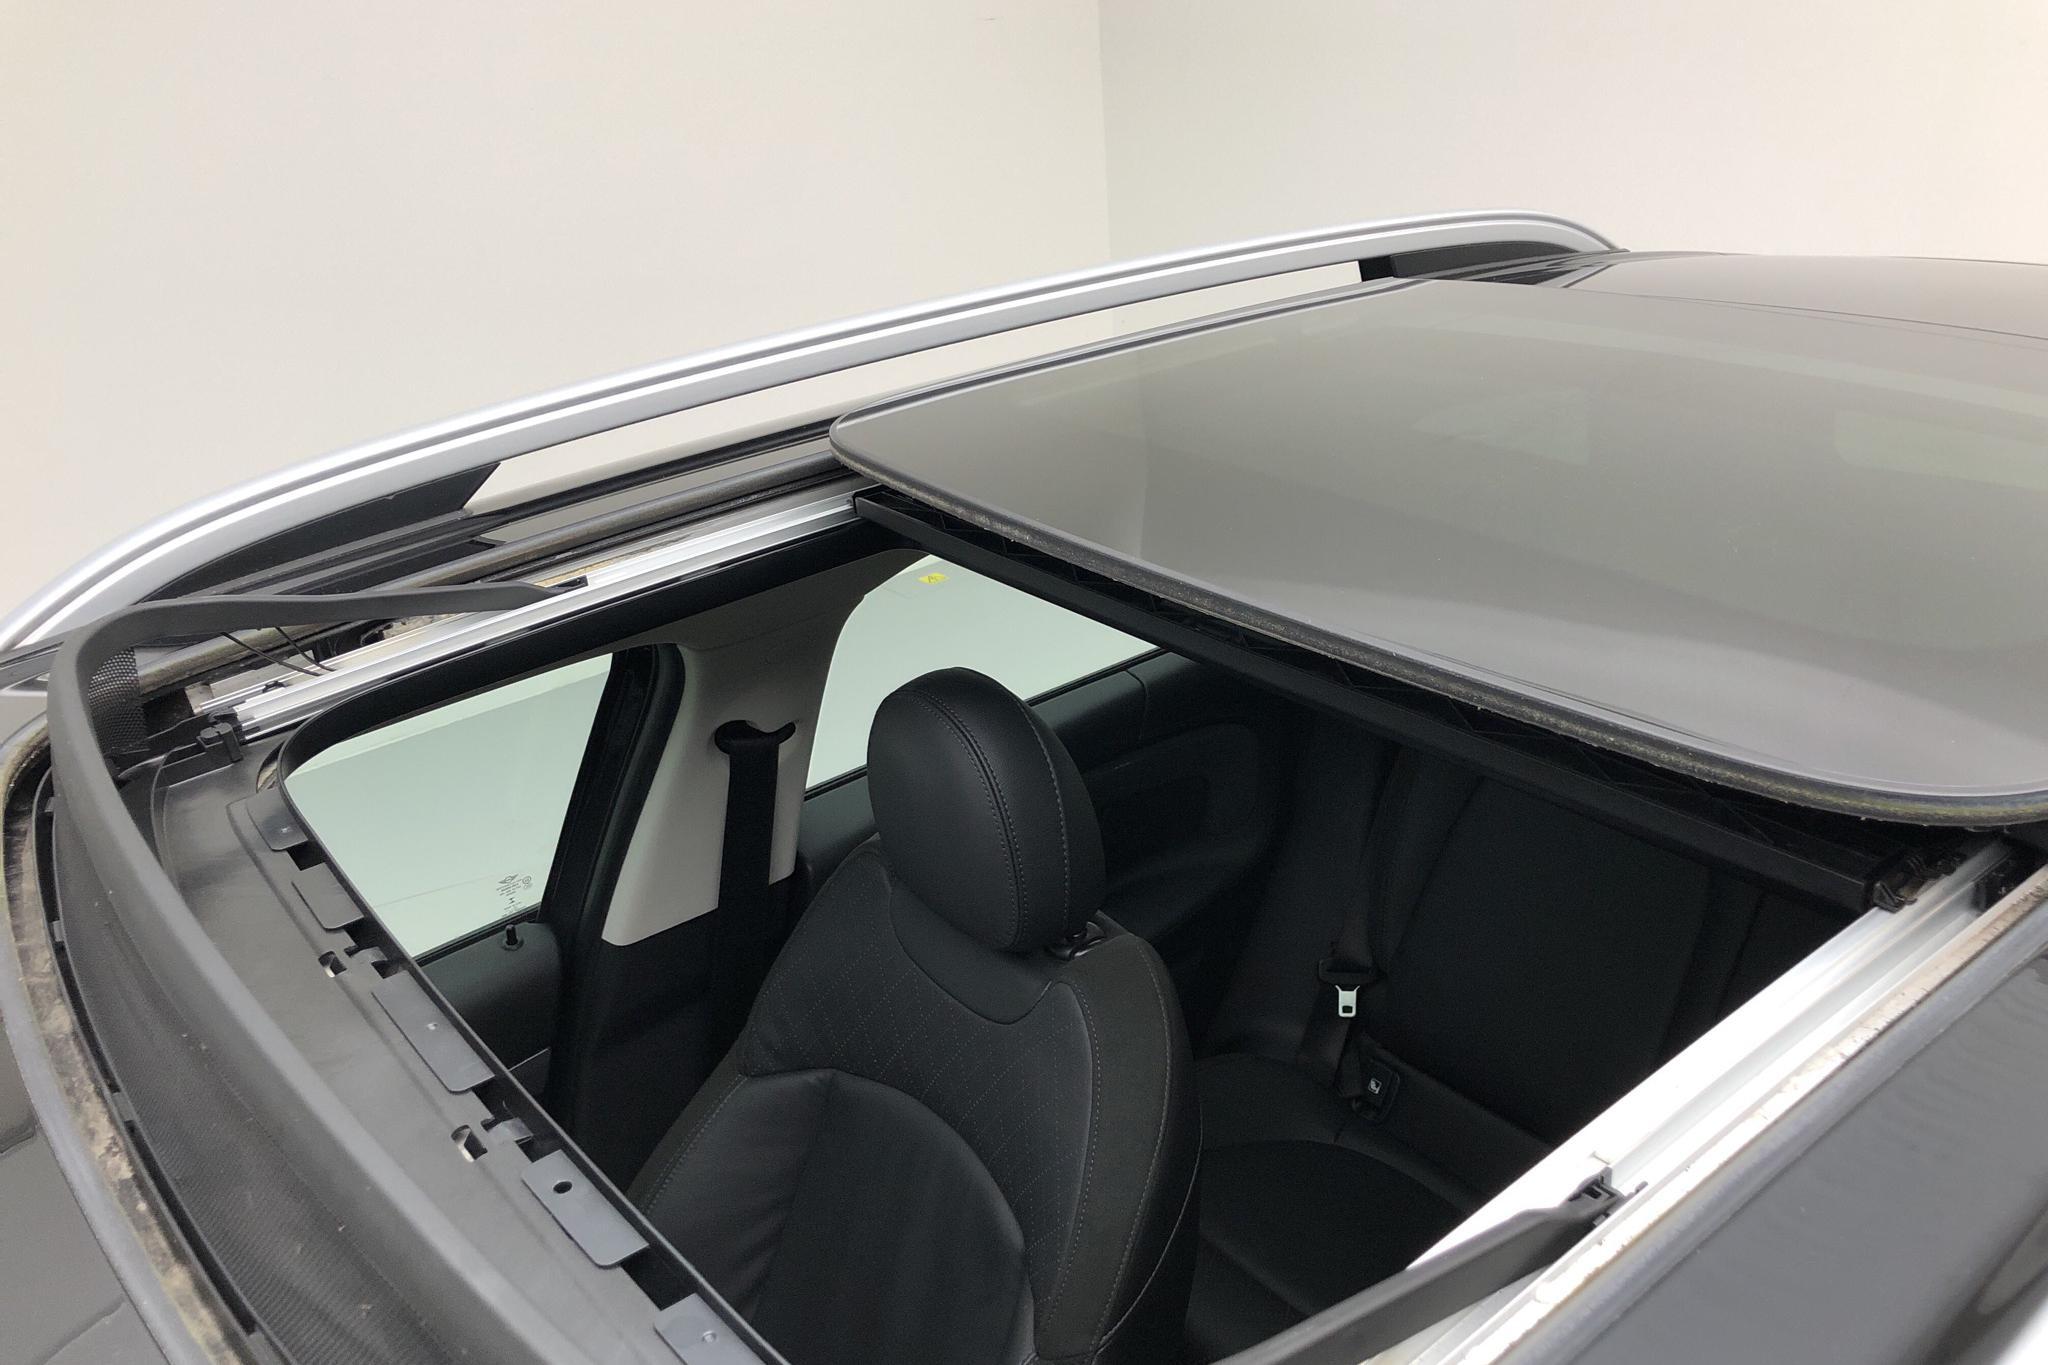 MINI Cooper S E ALL4 Countryman, F60 (224hk) - 29 140 km - Automatic - gray - 2018